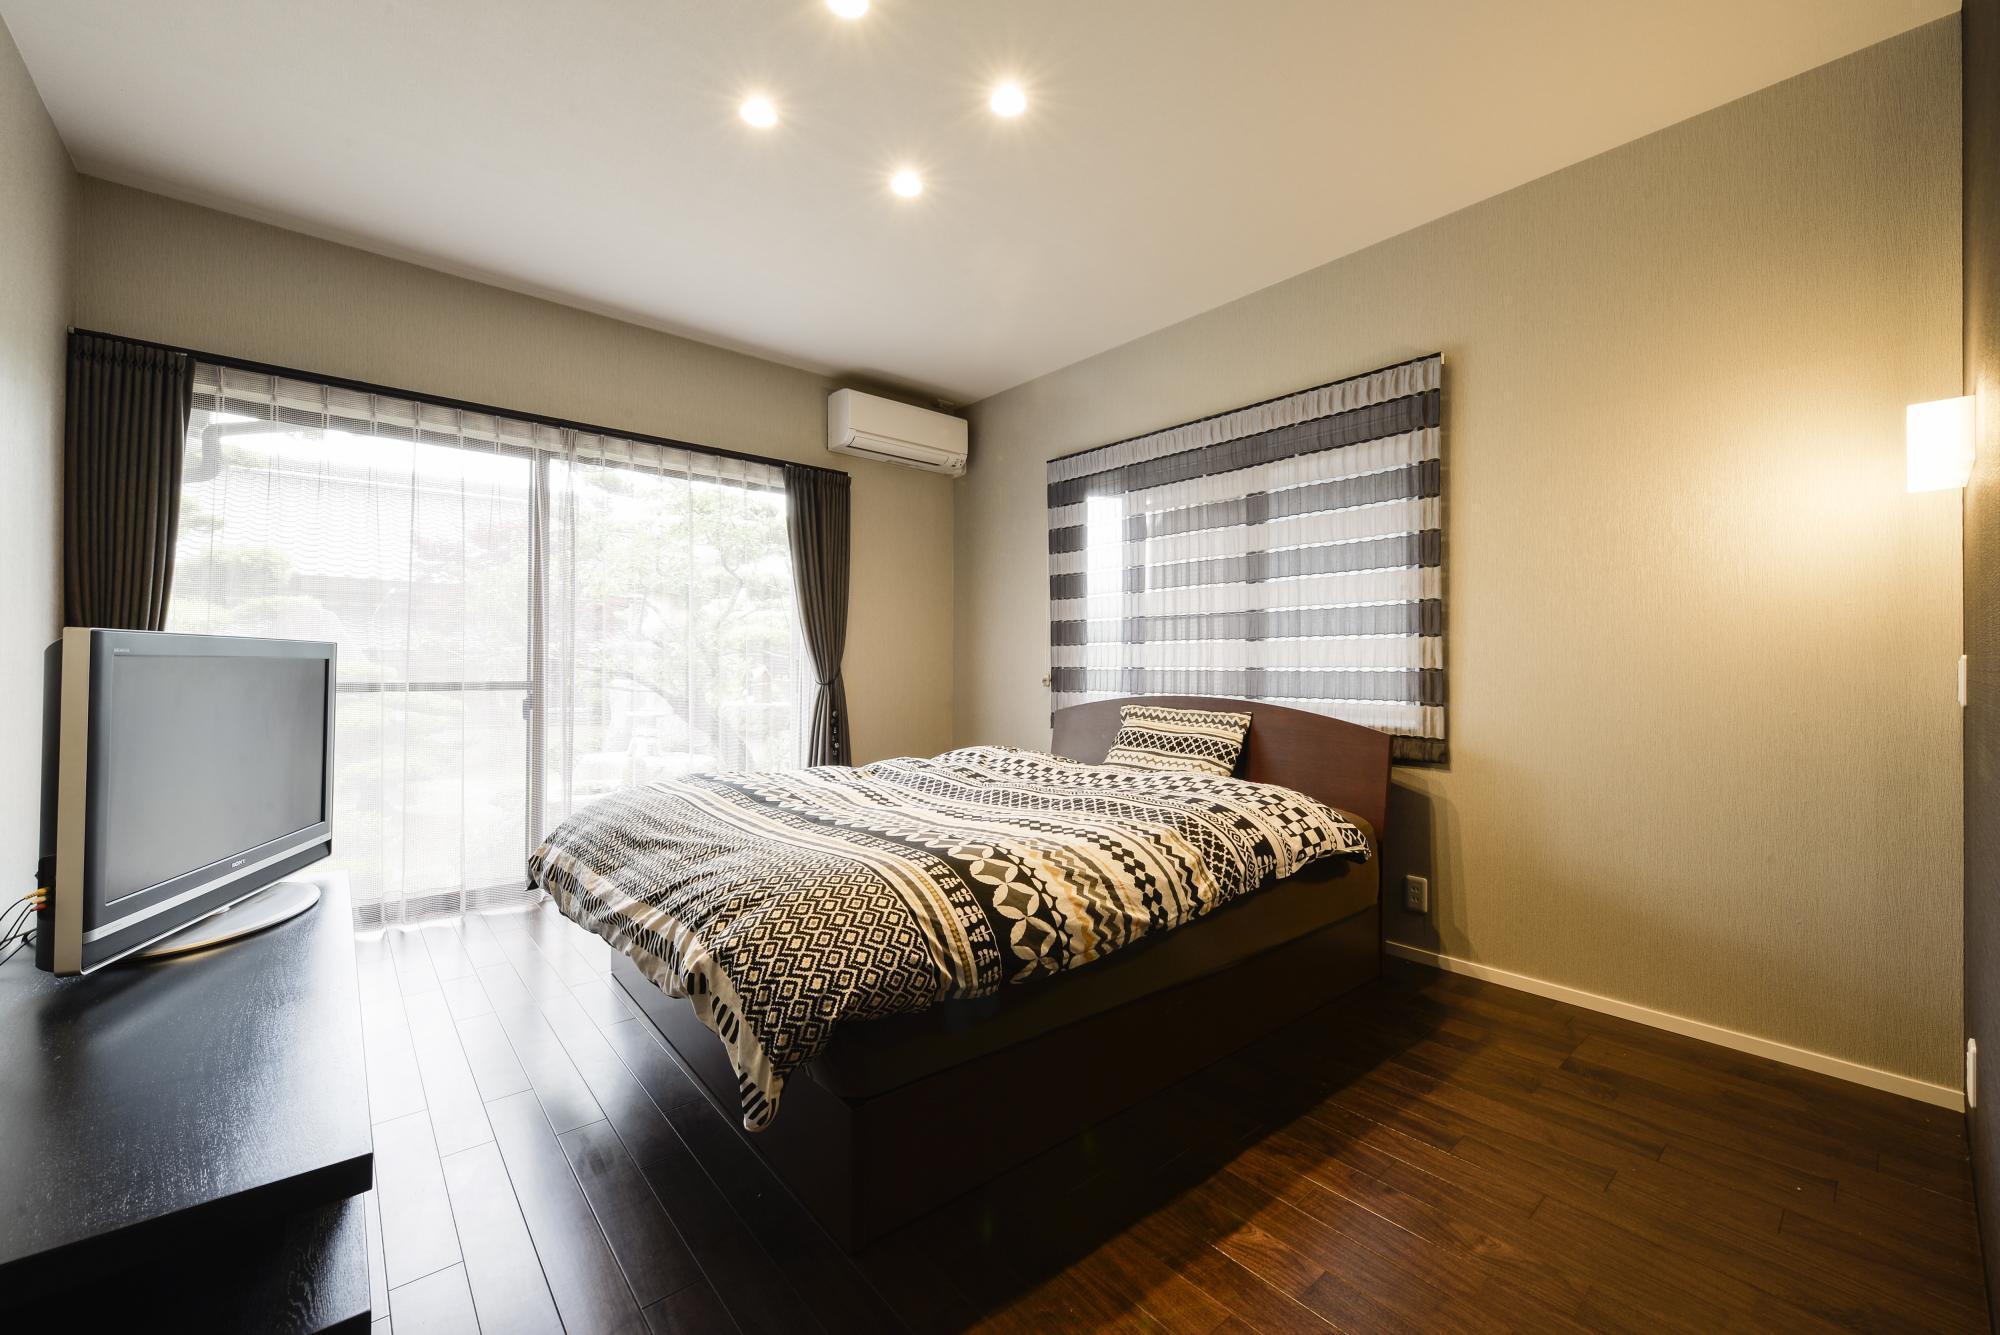 二面採光の明るい寝室。リビング同様ウォルナットの床材を採用。既存のクロゼットの他に2.7帖のウォークインクロゼットを備えた。